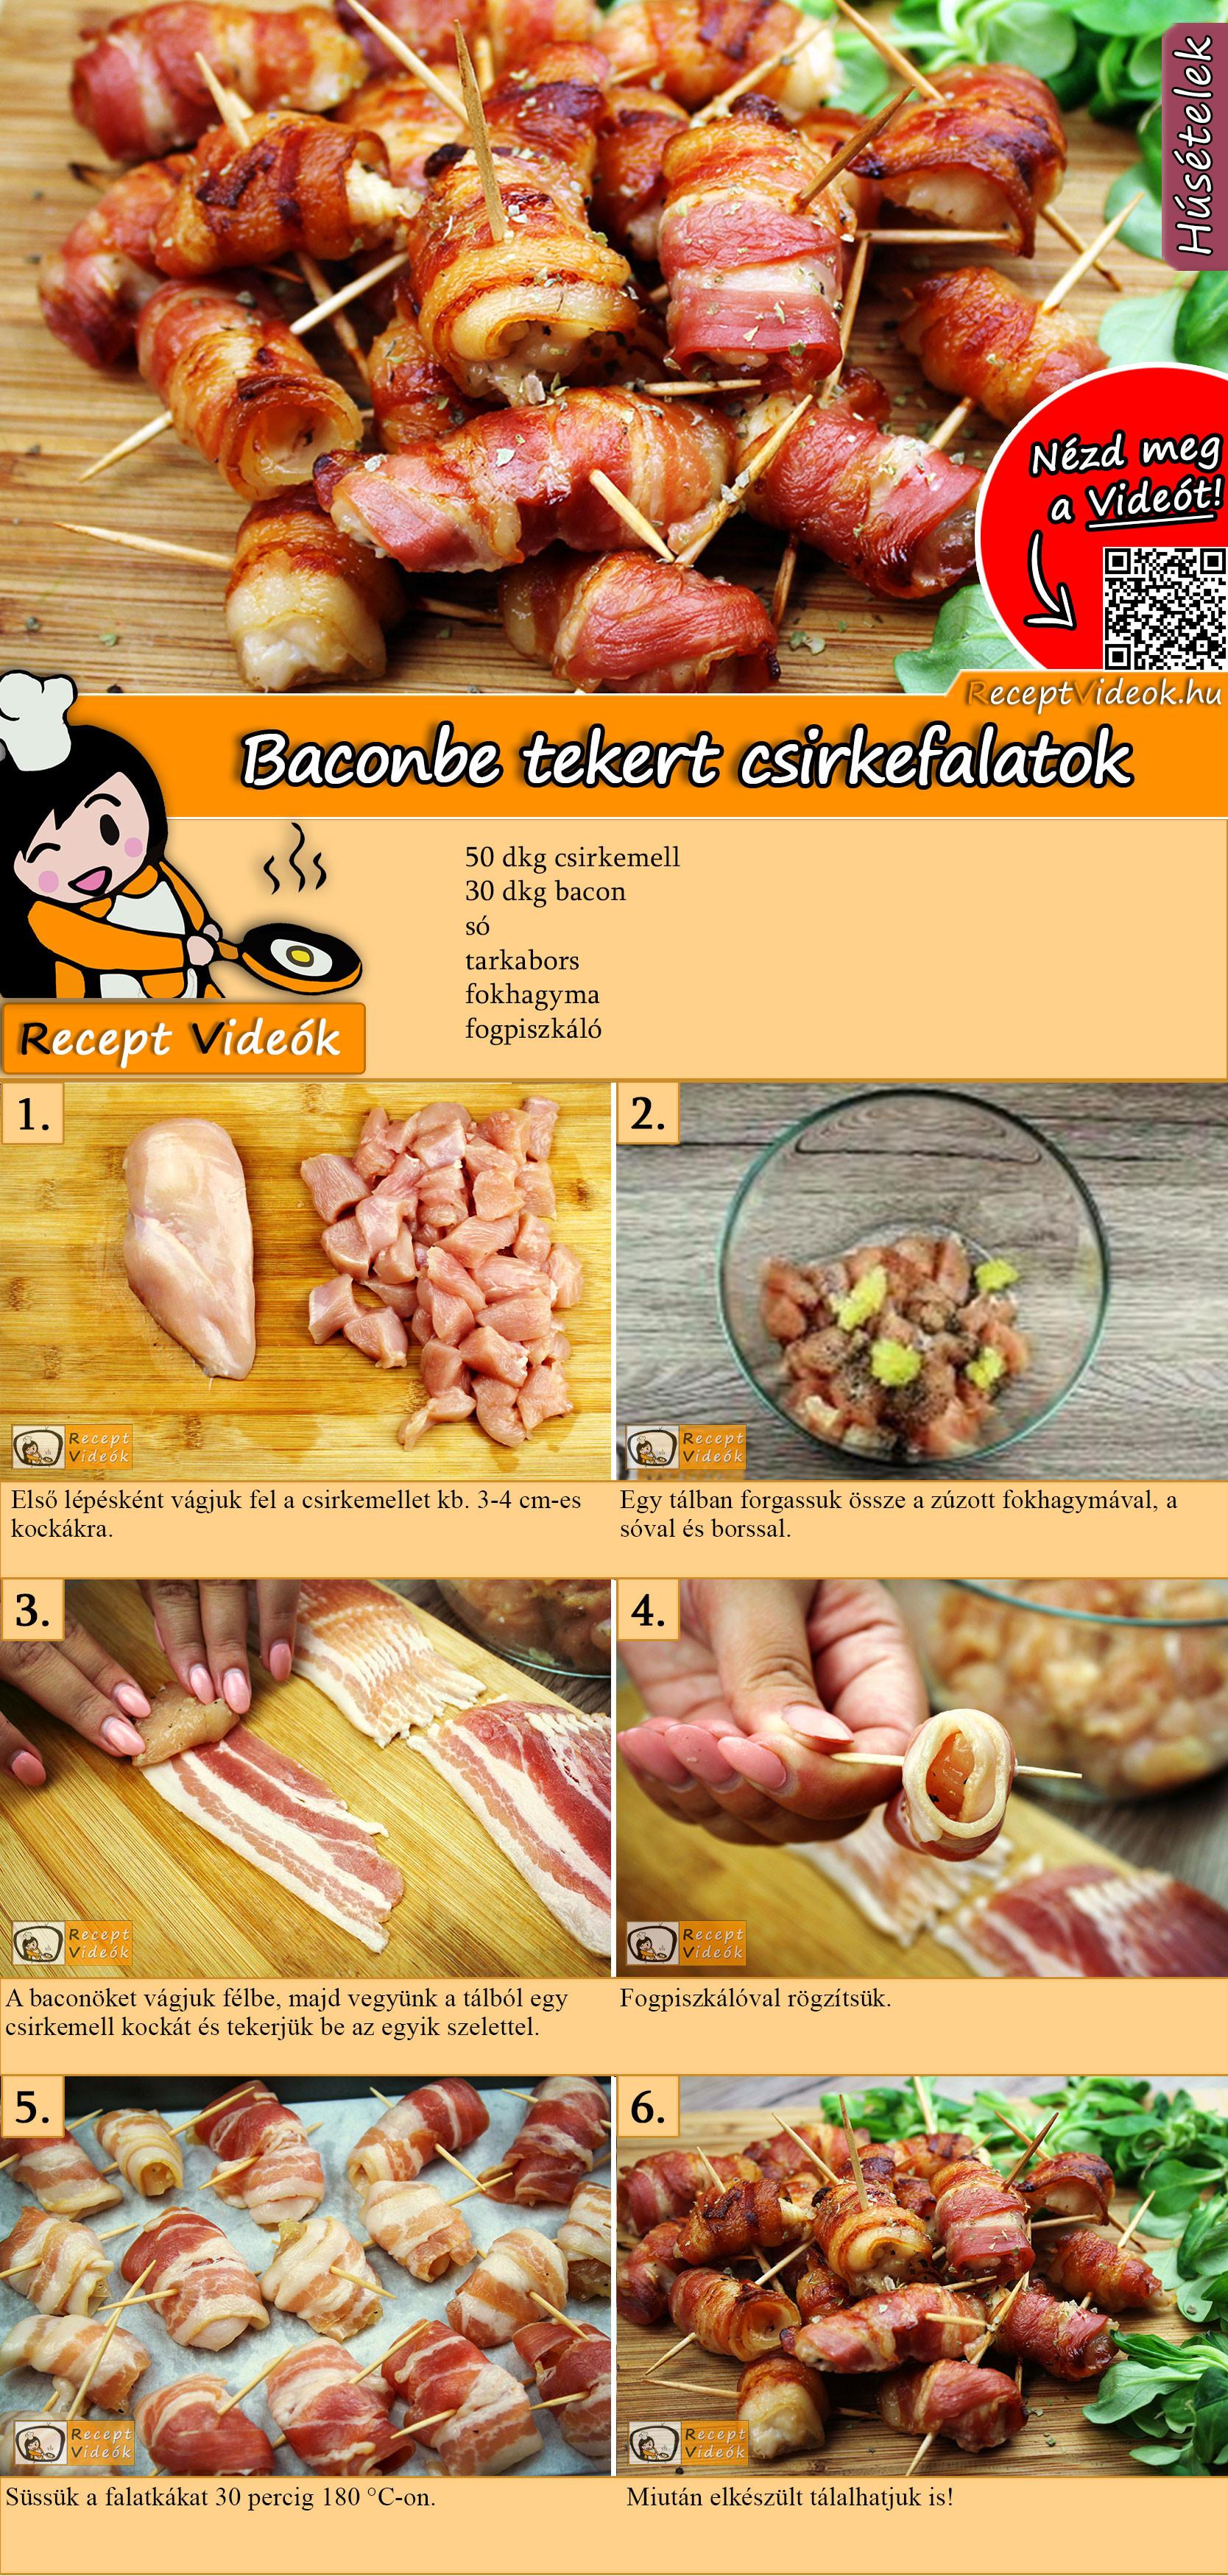 Baconbe tekert csirkefalatok recept elkészítése videóval